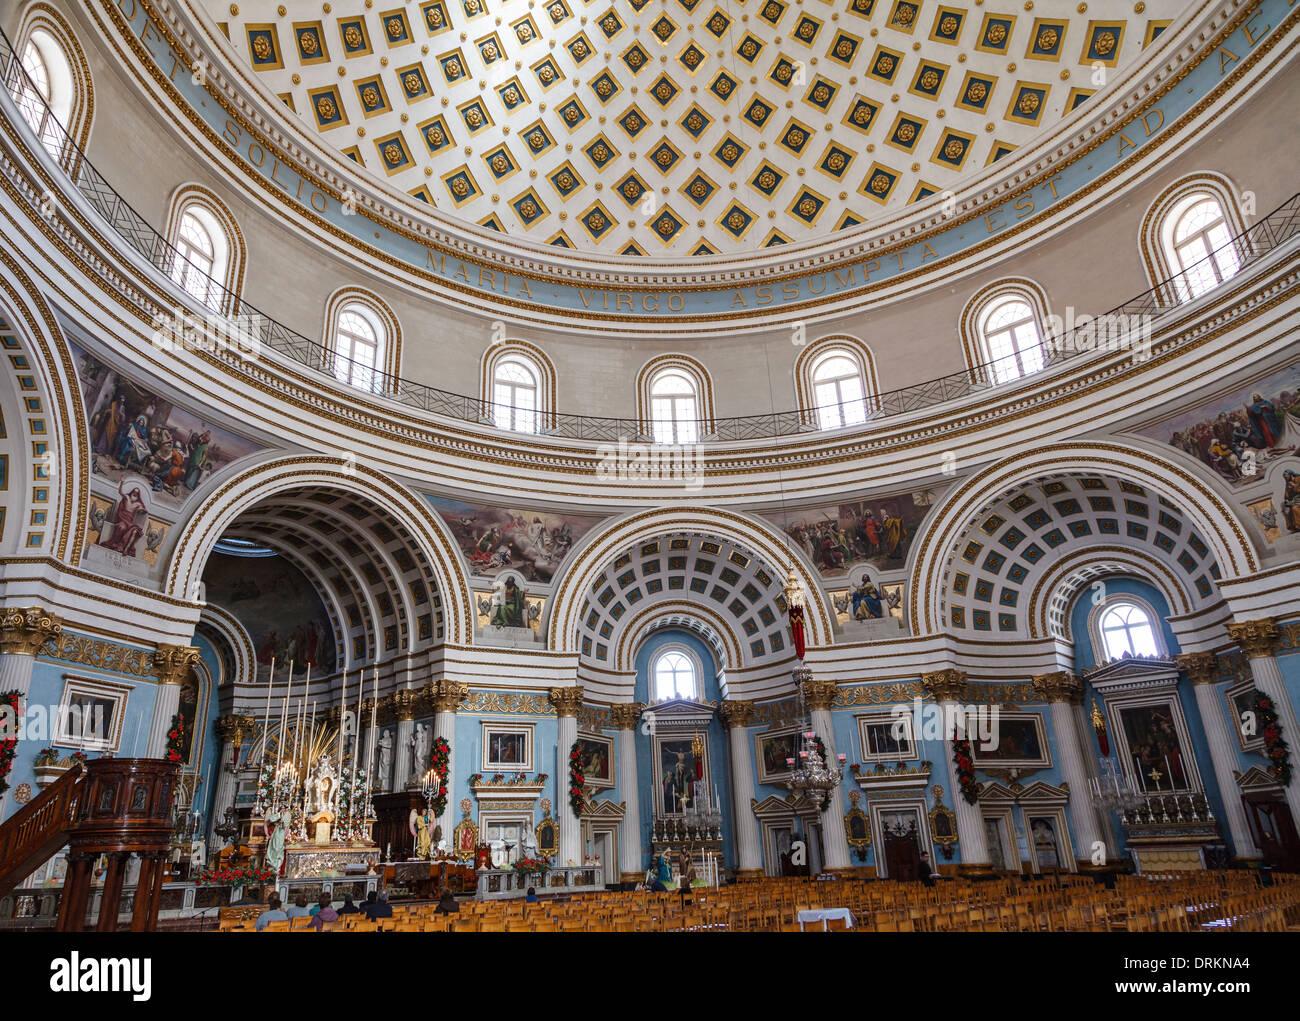 Beneath the Mosta Dome - interior of St Mary's Church, Mosta, Malta Stock Photo